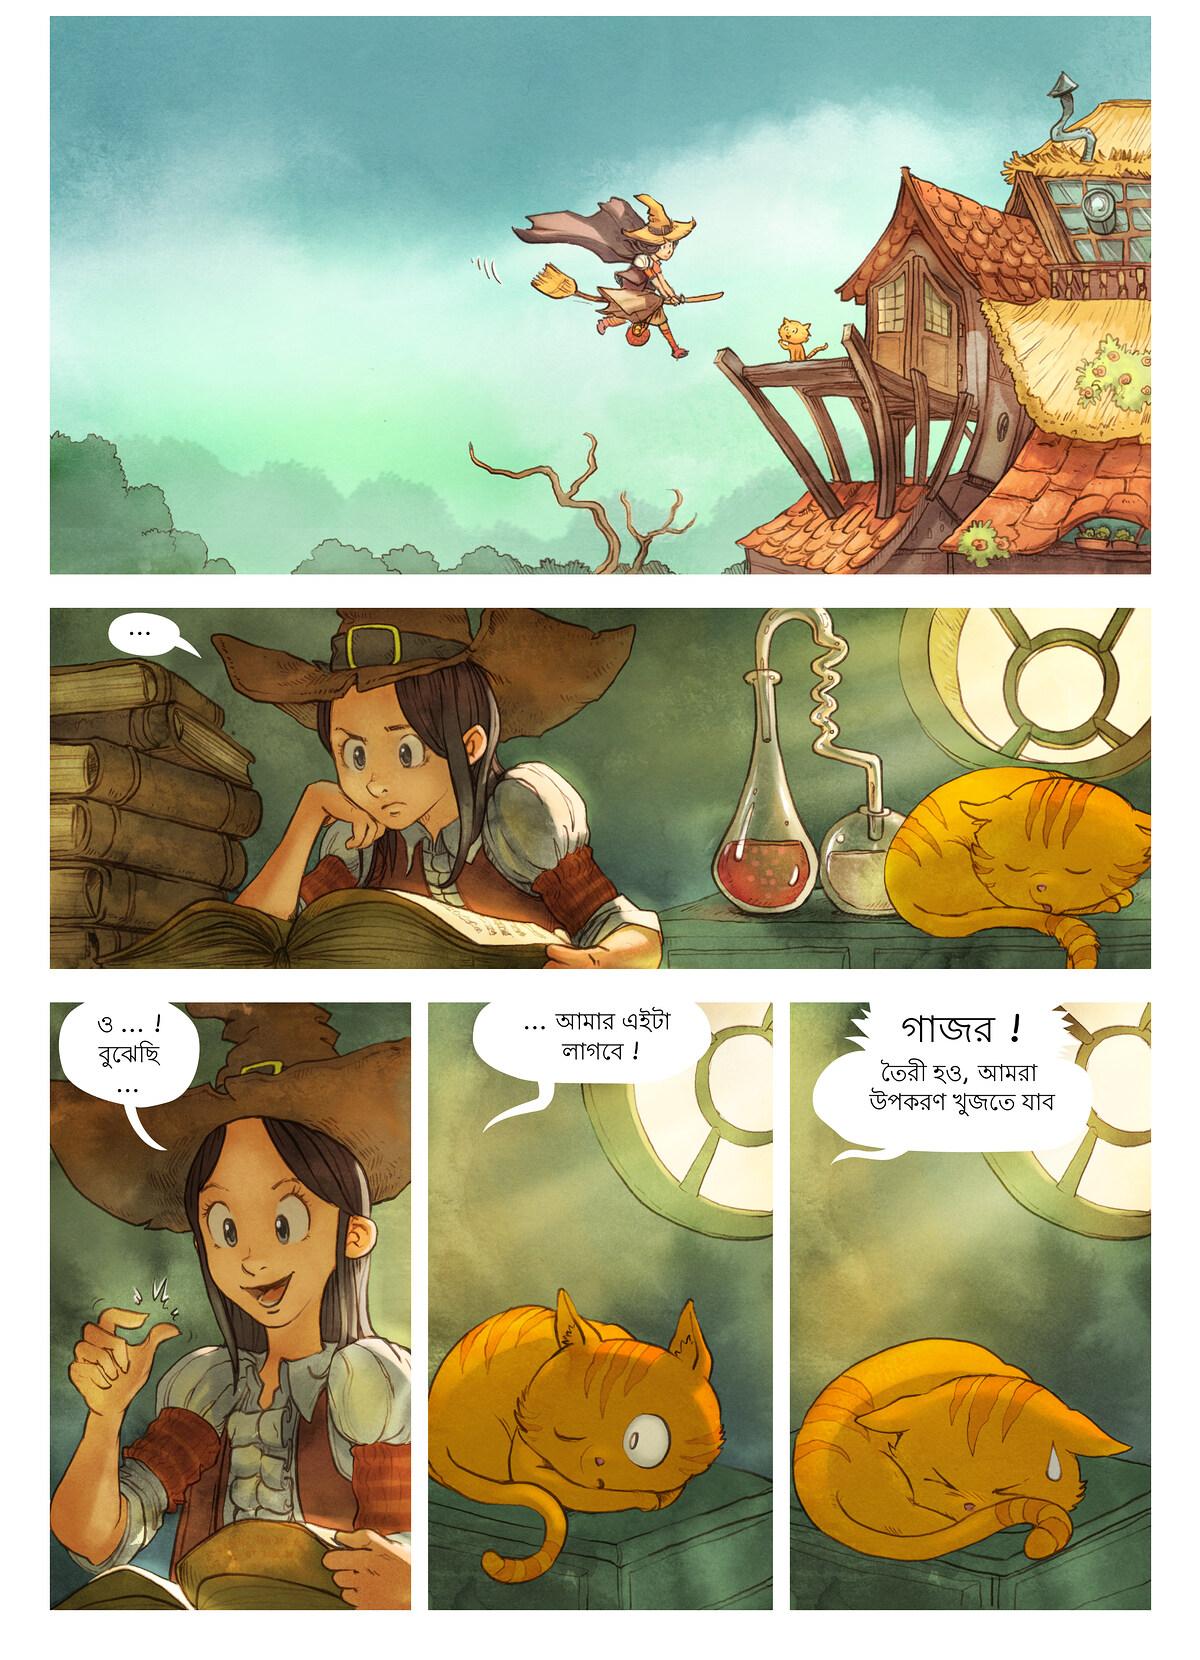 গল্প ৩: গোপন উপকরণ, Page 4